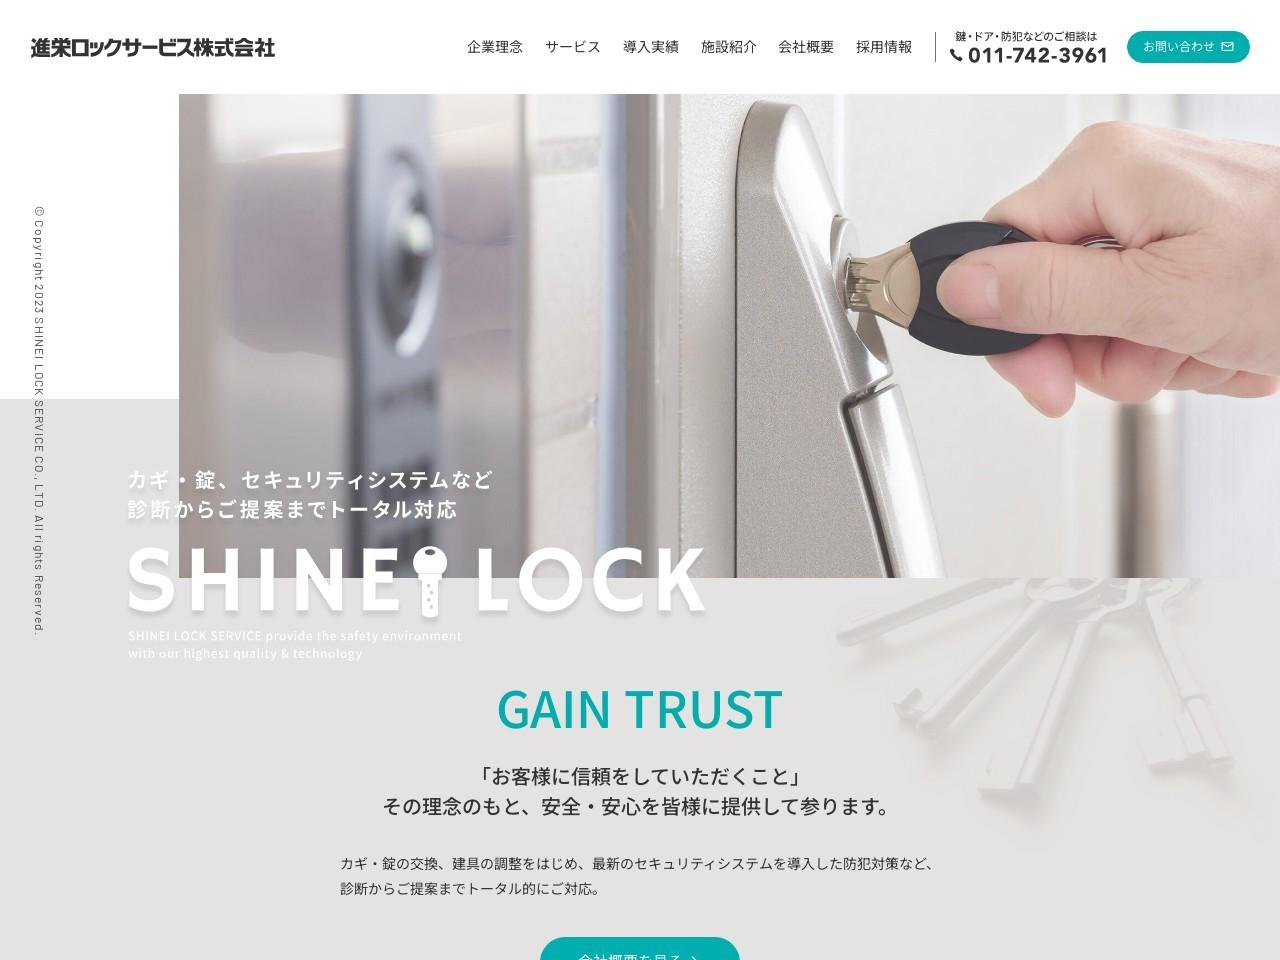 進栄ロックサービス株式会社本店